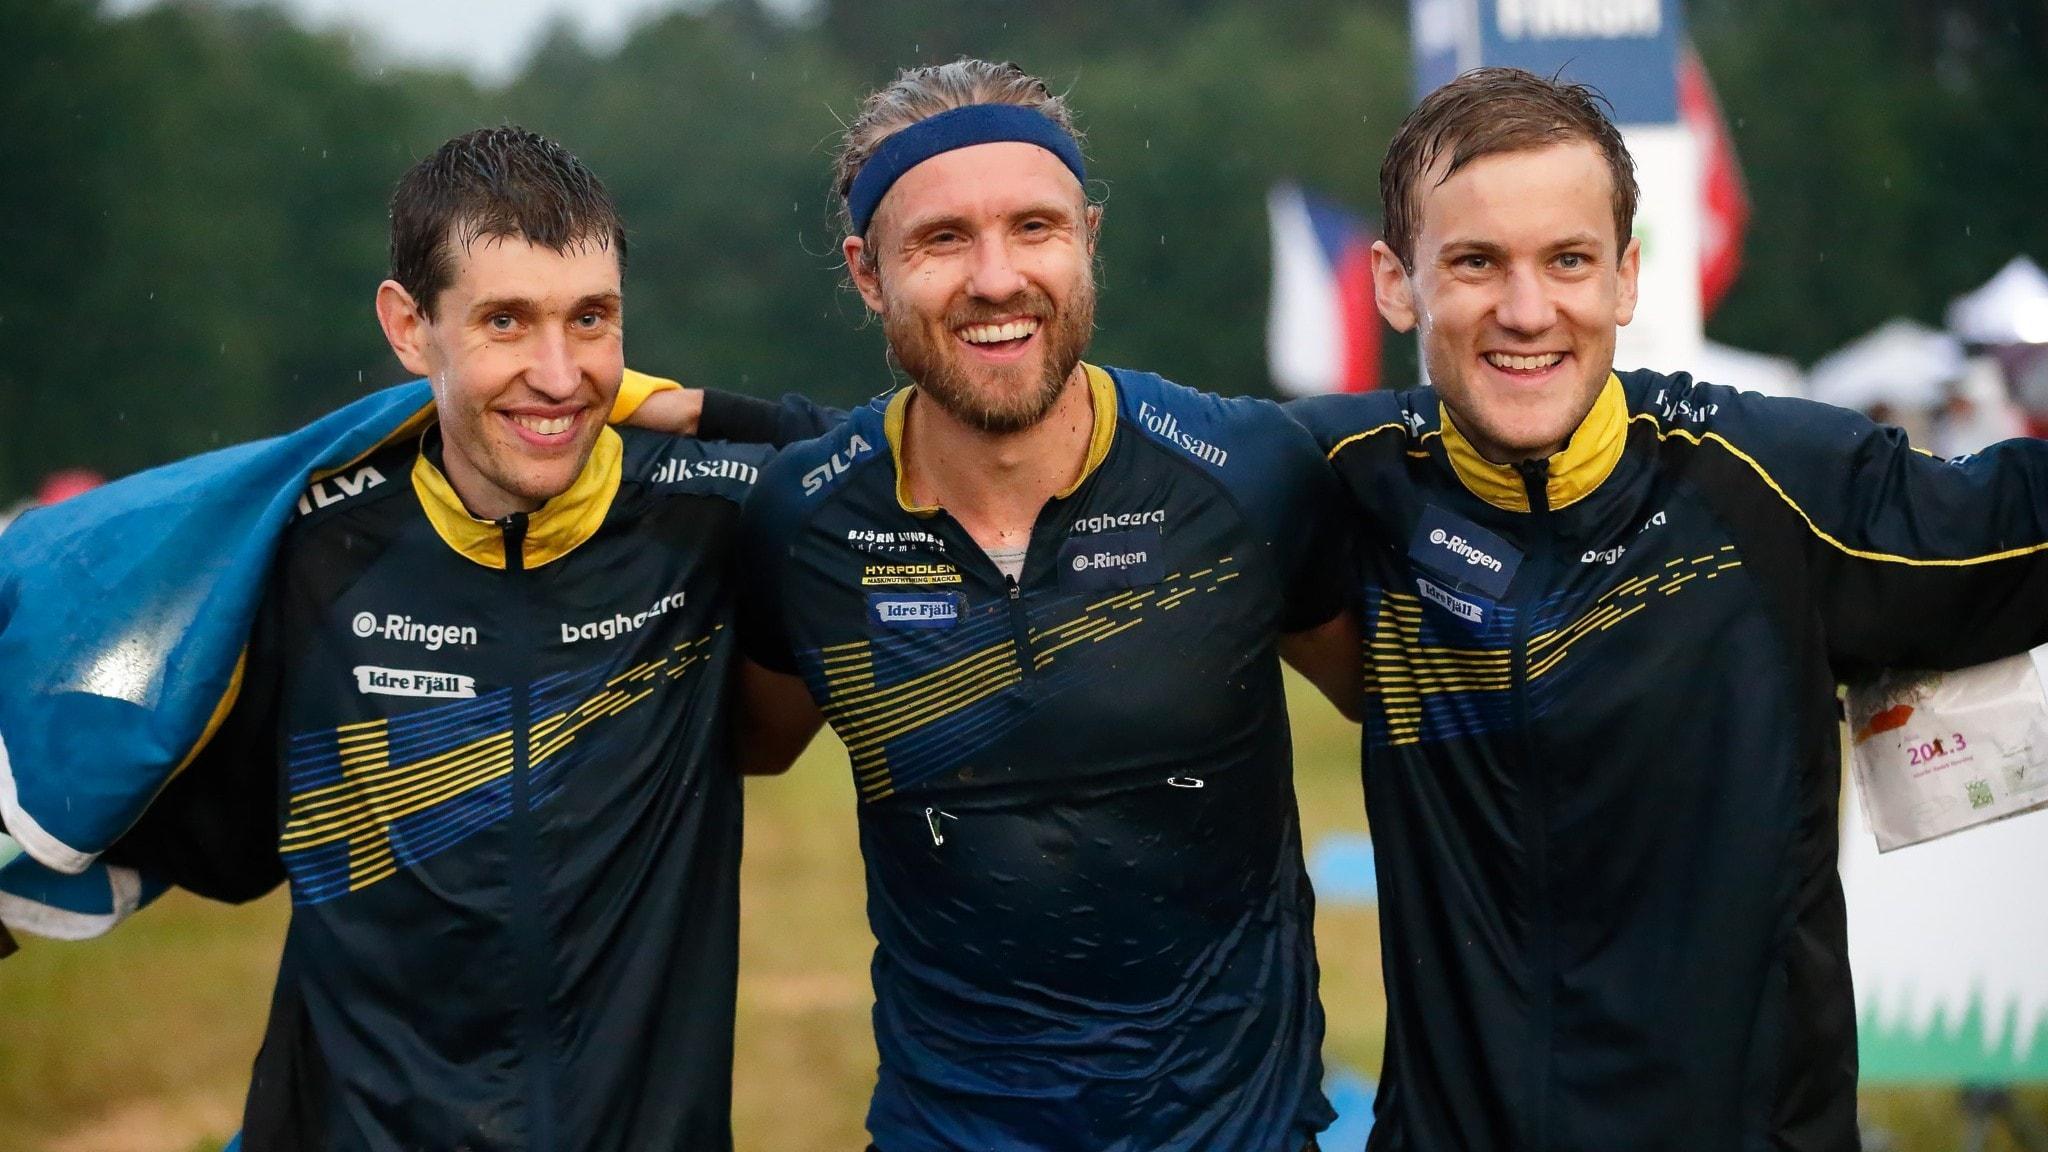 VM-guld i stafetten med Ridefelt från Uppsala i täten